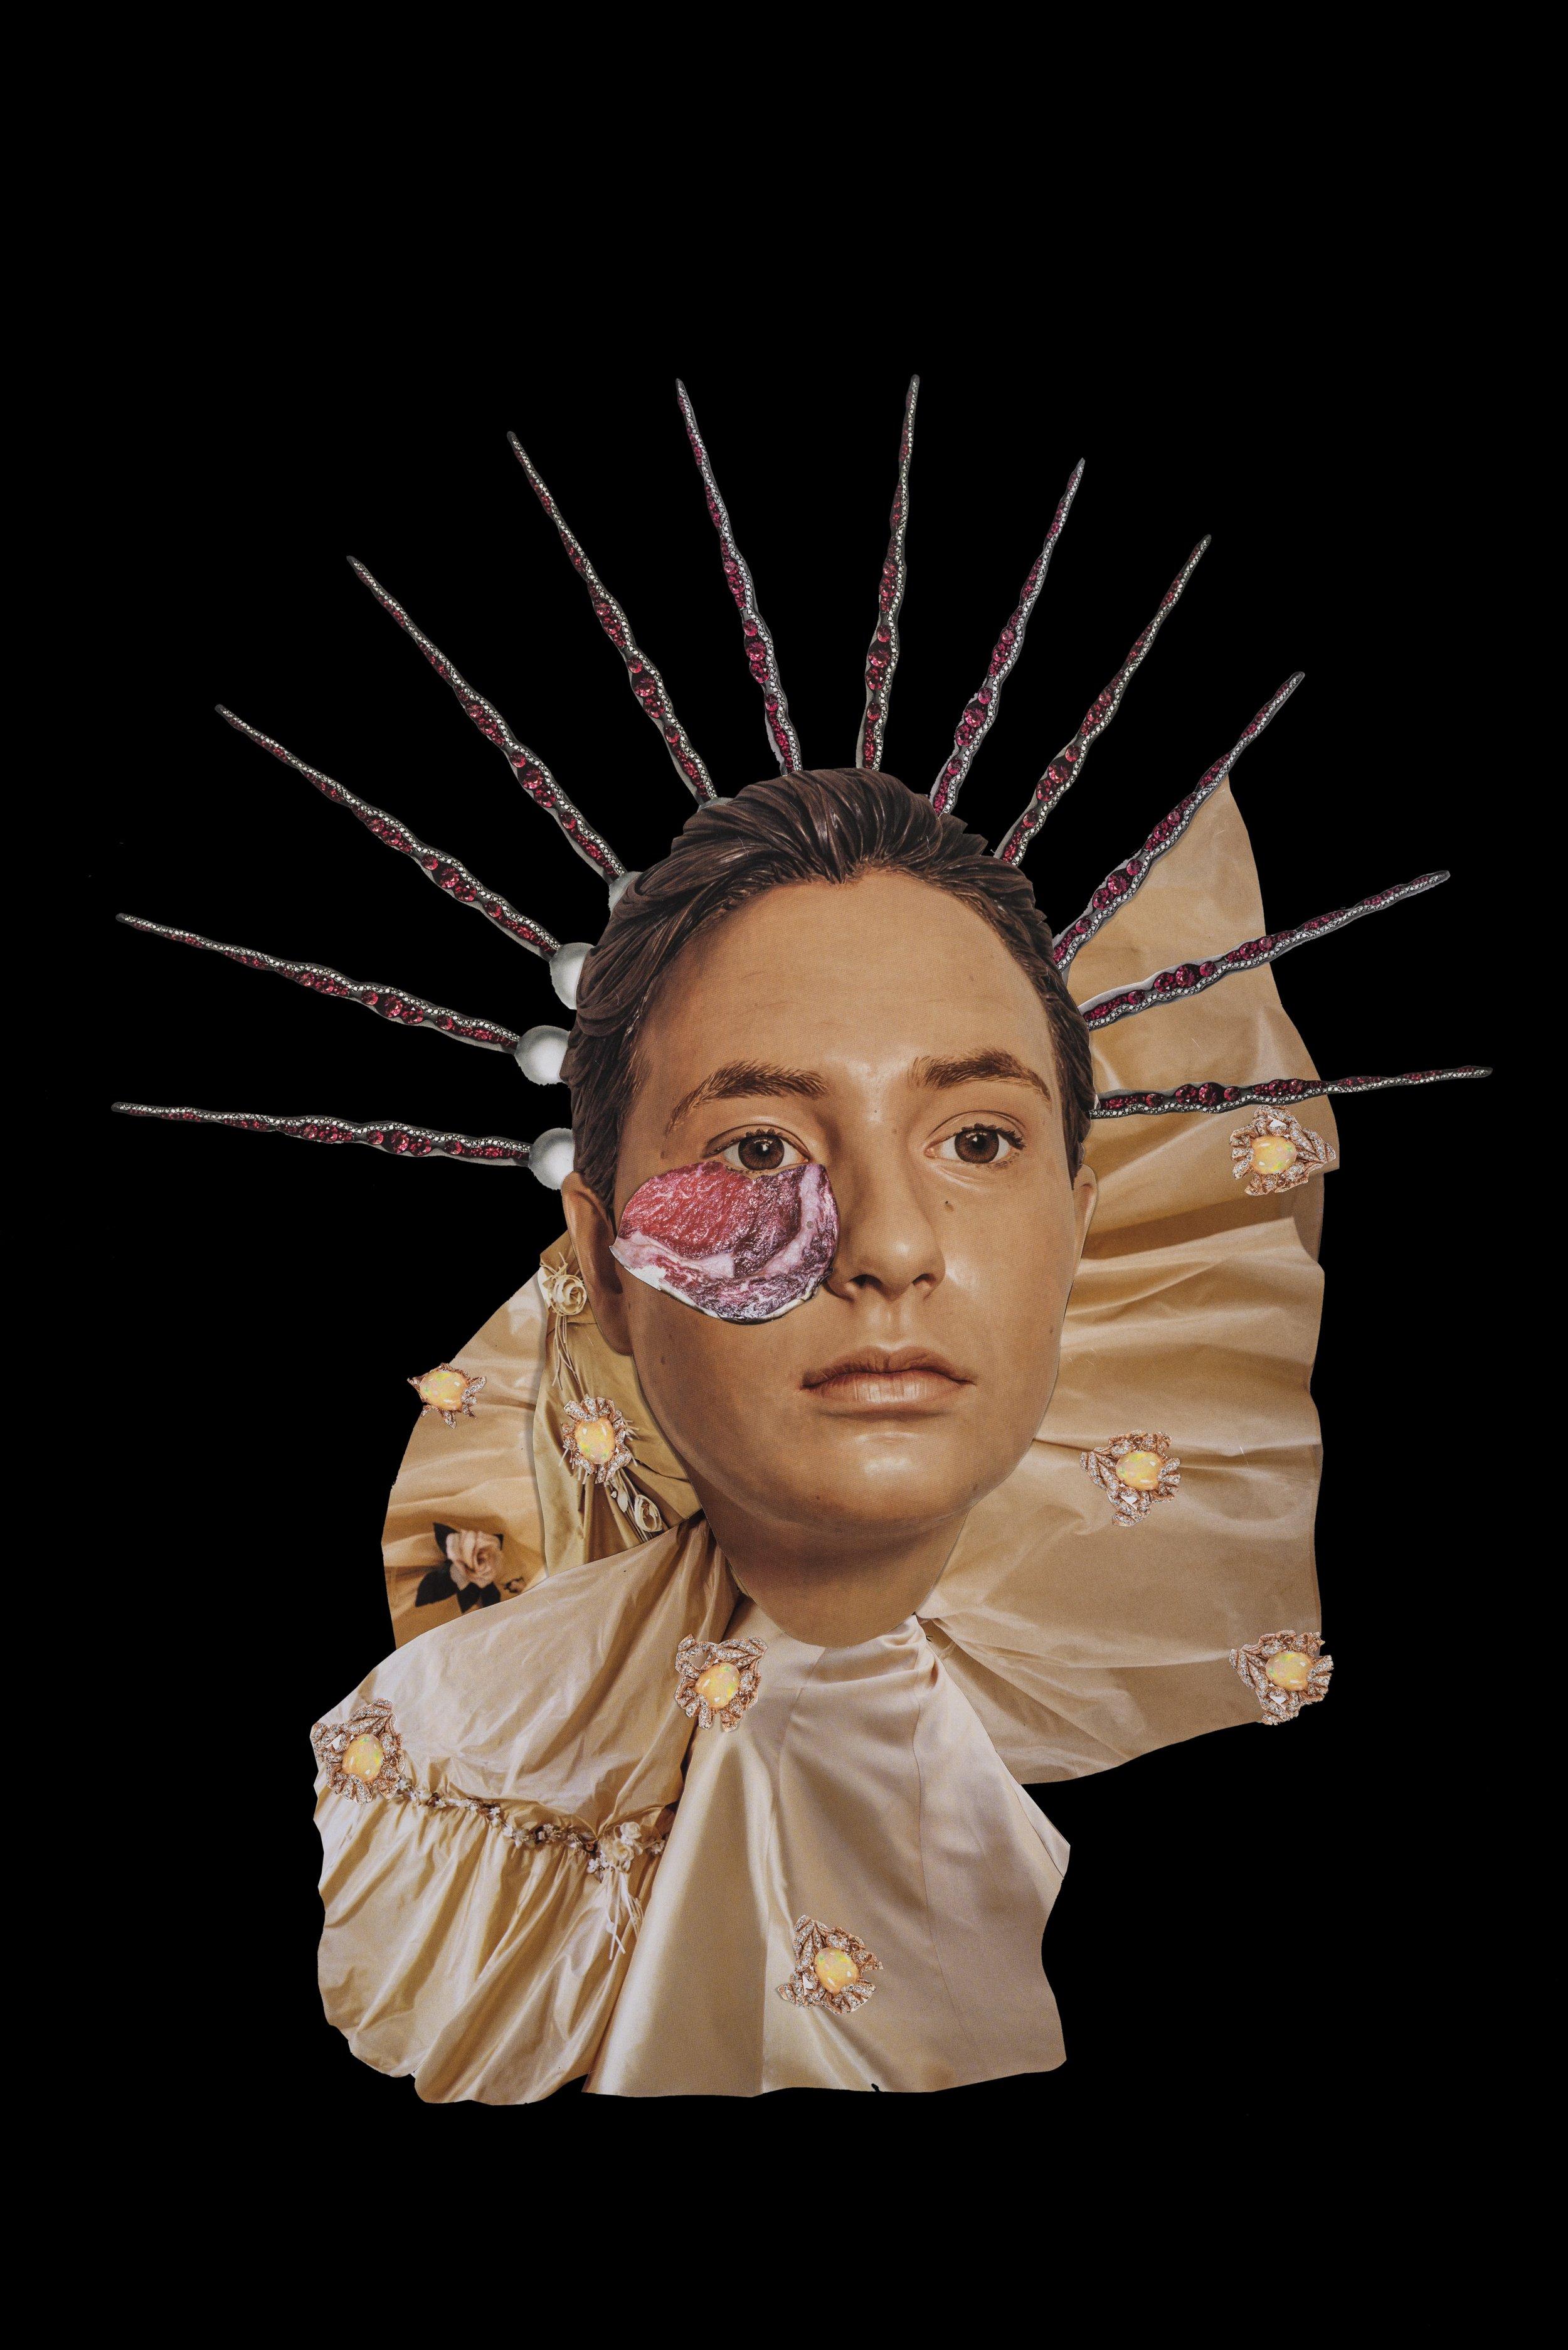 Sin título, 2017, collage, 48x 38. Imágenes de revistas y catálogos de historia del arte, moda y medicina. Catálogo de joyería Dior (Referencia jewellery_JPLM93001) Catálogo de joyería Paola Van Der Hulst (Referencia Ruby-Pearl-Earring PVDH)